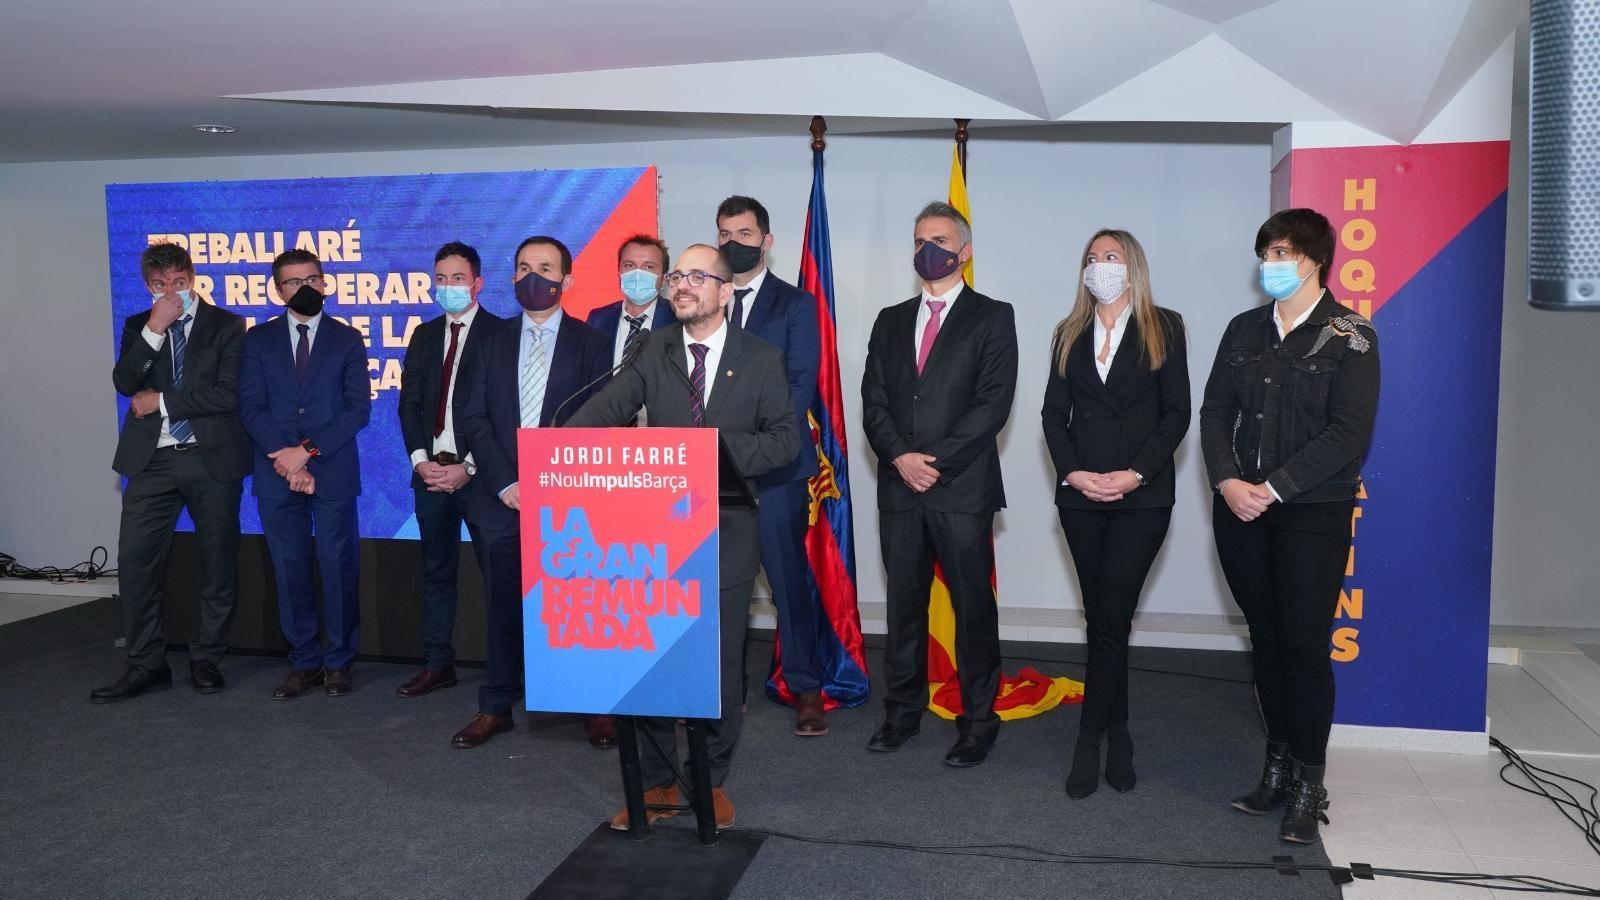 Jordi Farré amb el seu equip per a les eleccions del Barça del 2021